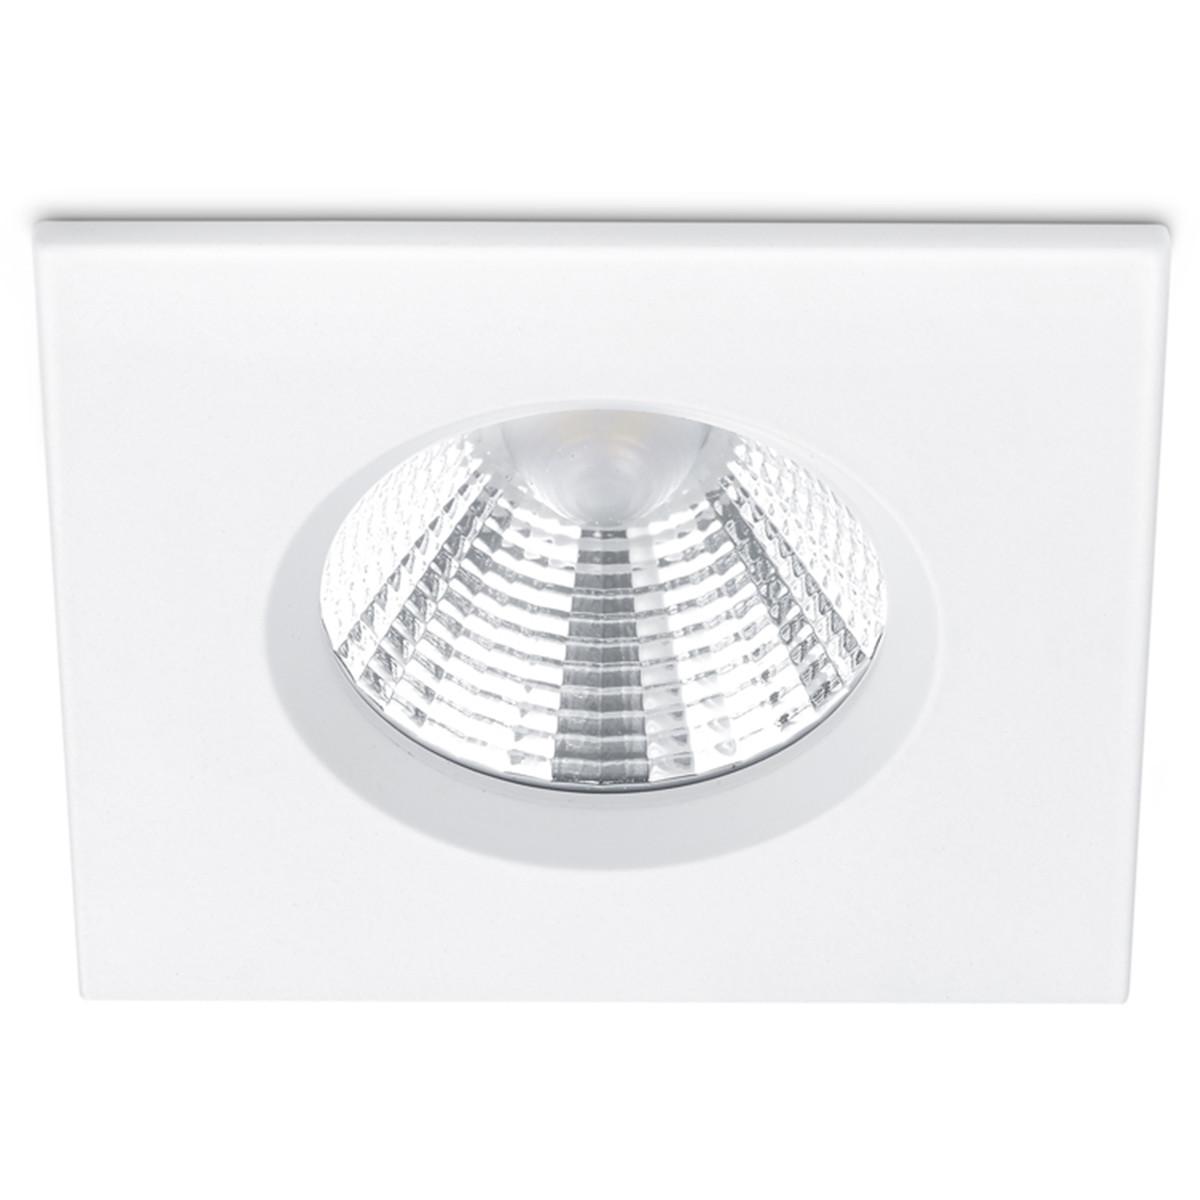 LED Spot - Inbouwspot - Trion Zagrona - 5W - Waterdicht IP65 - Dimbaar - Warm Wit 3000K - Mat Wit -